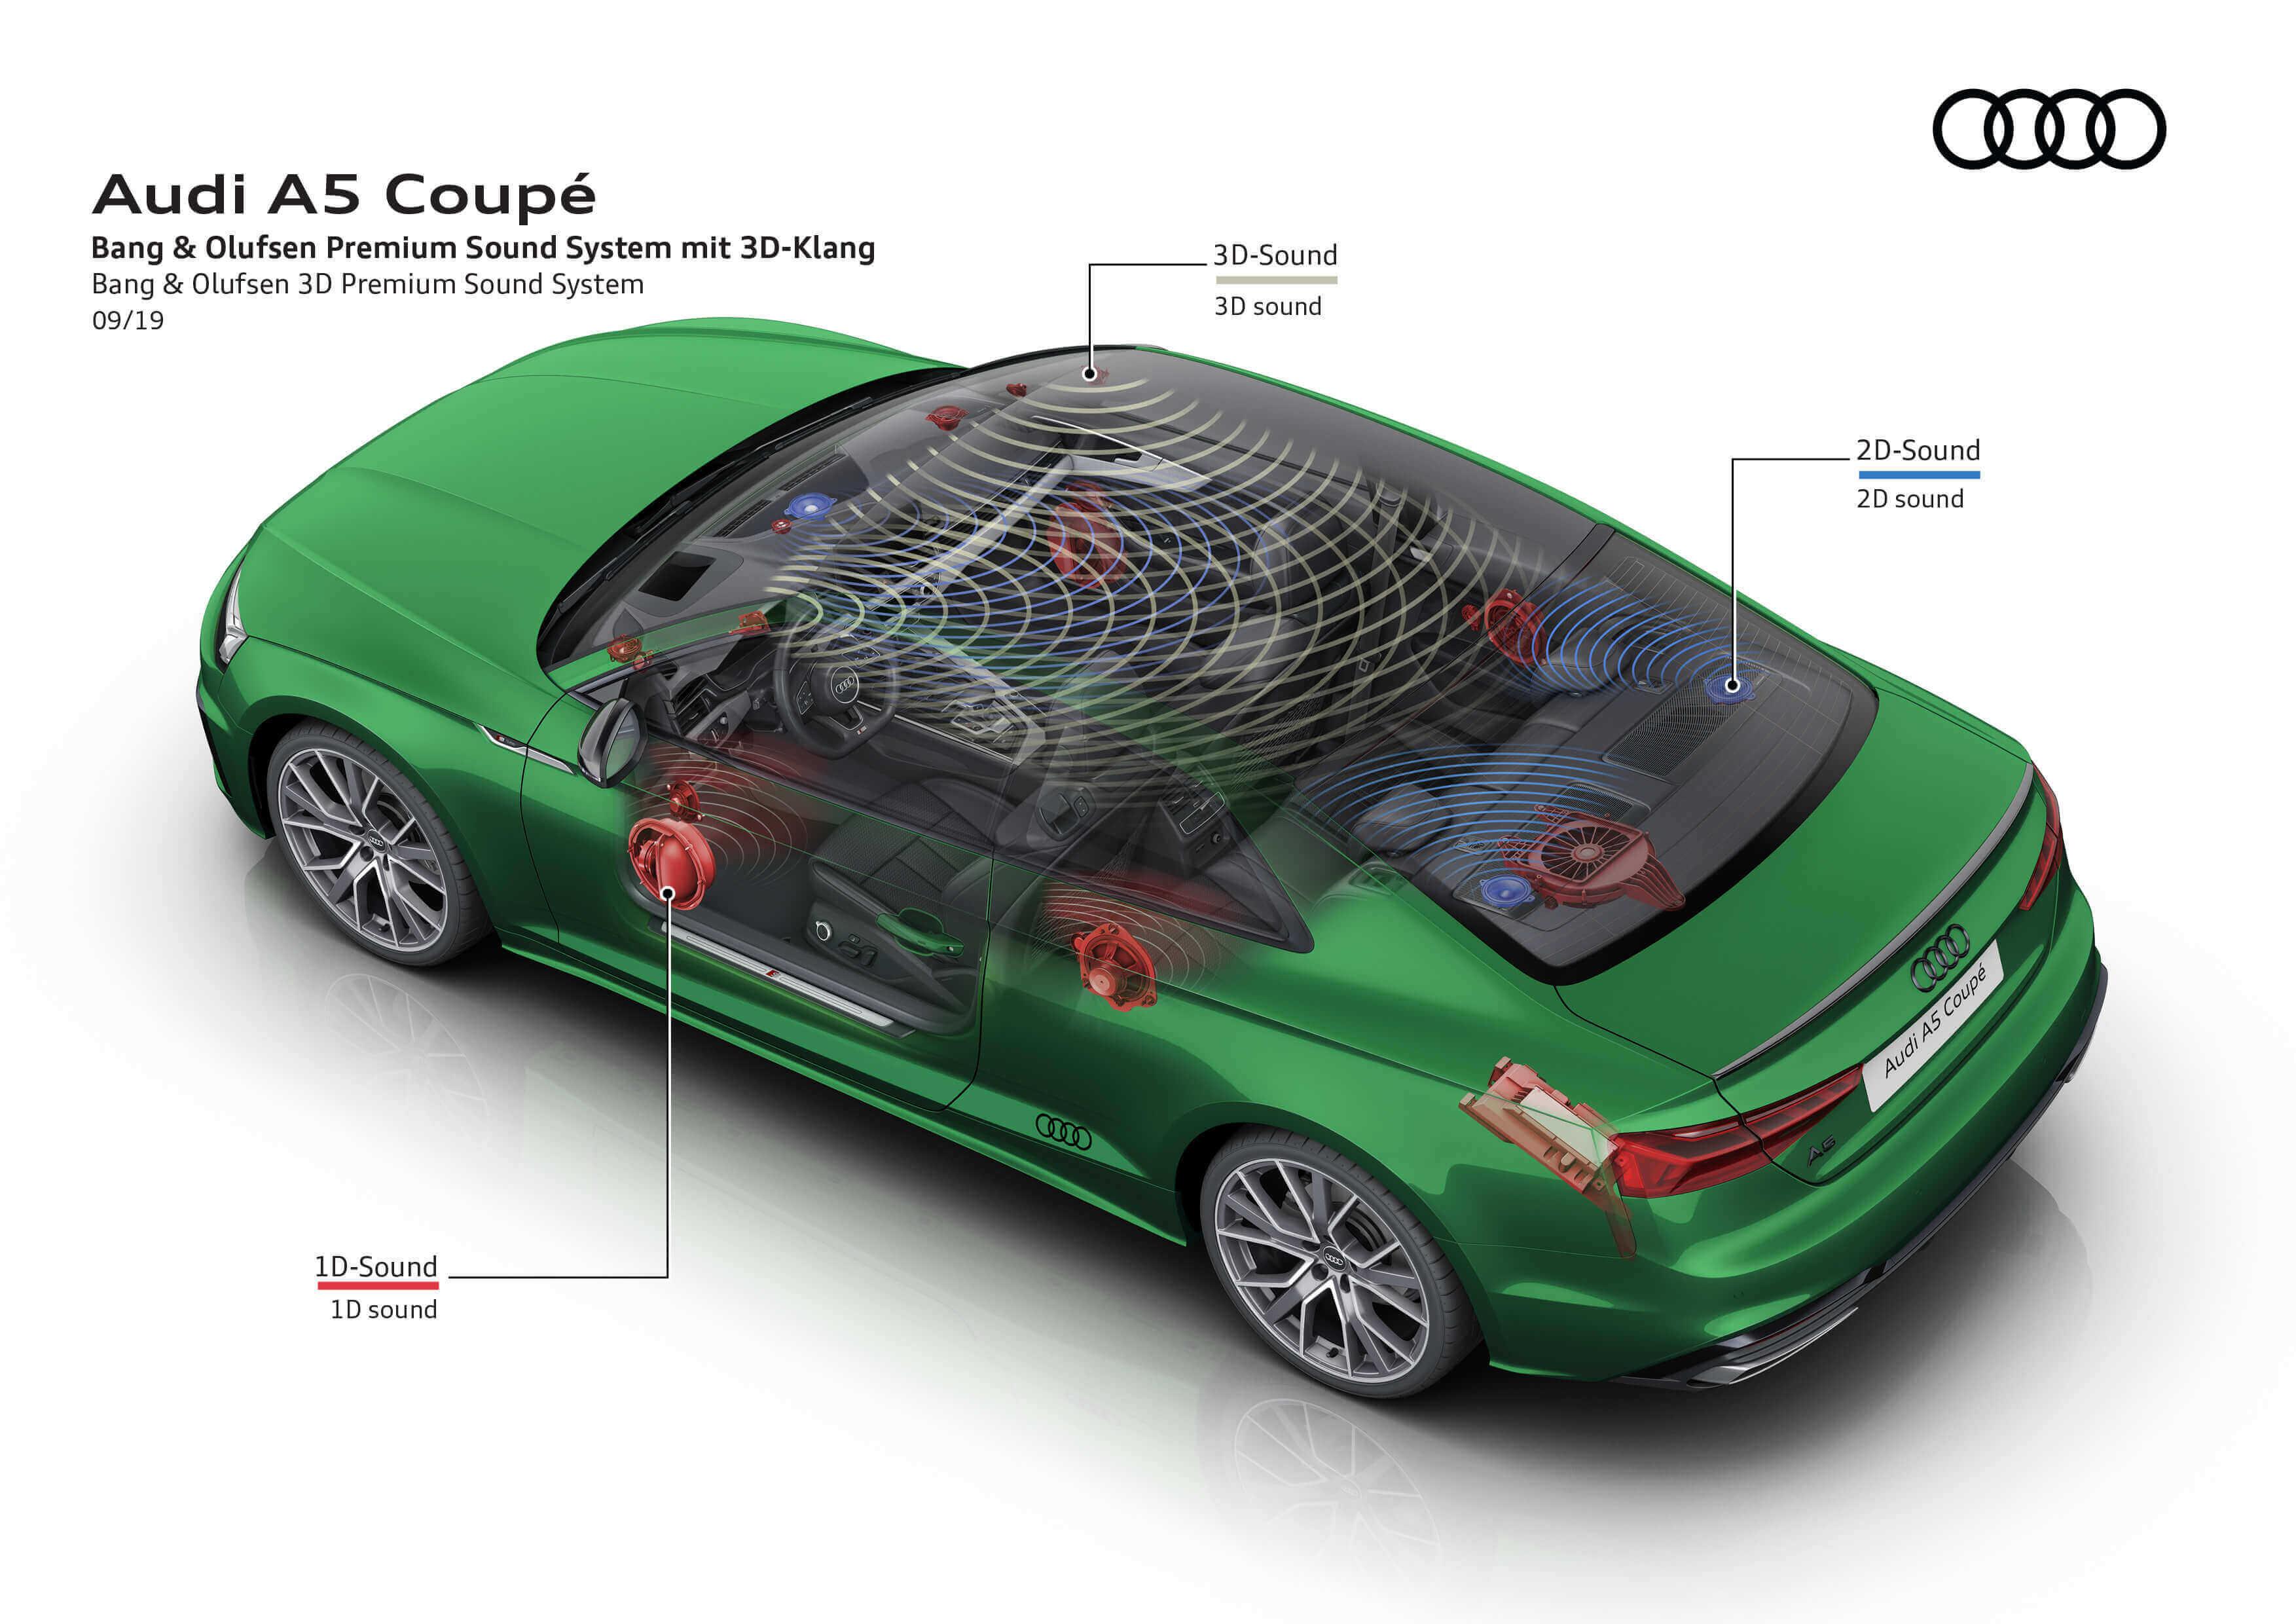 Νέο Audi A5 Coupe - Ηχοσύστημα Premium Sound System της Bang & Olufsen με τρισδιάστατο ήχο